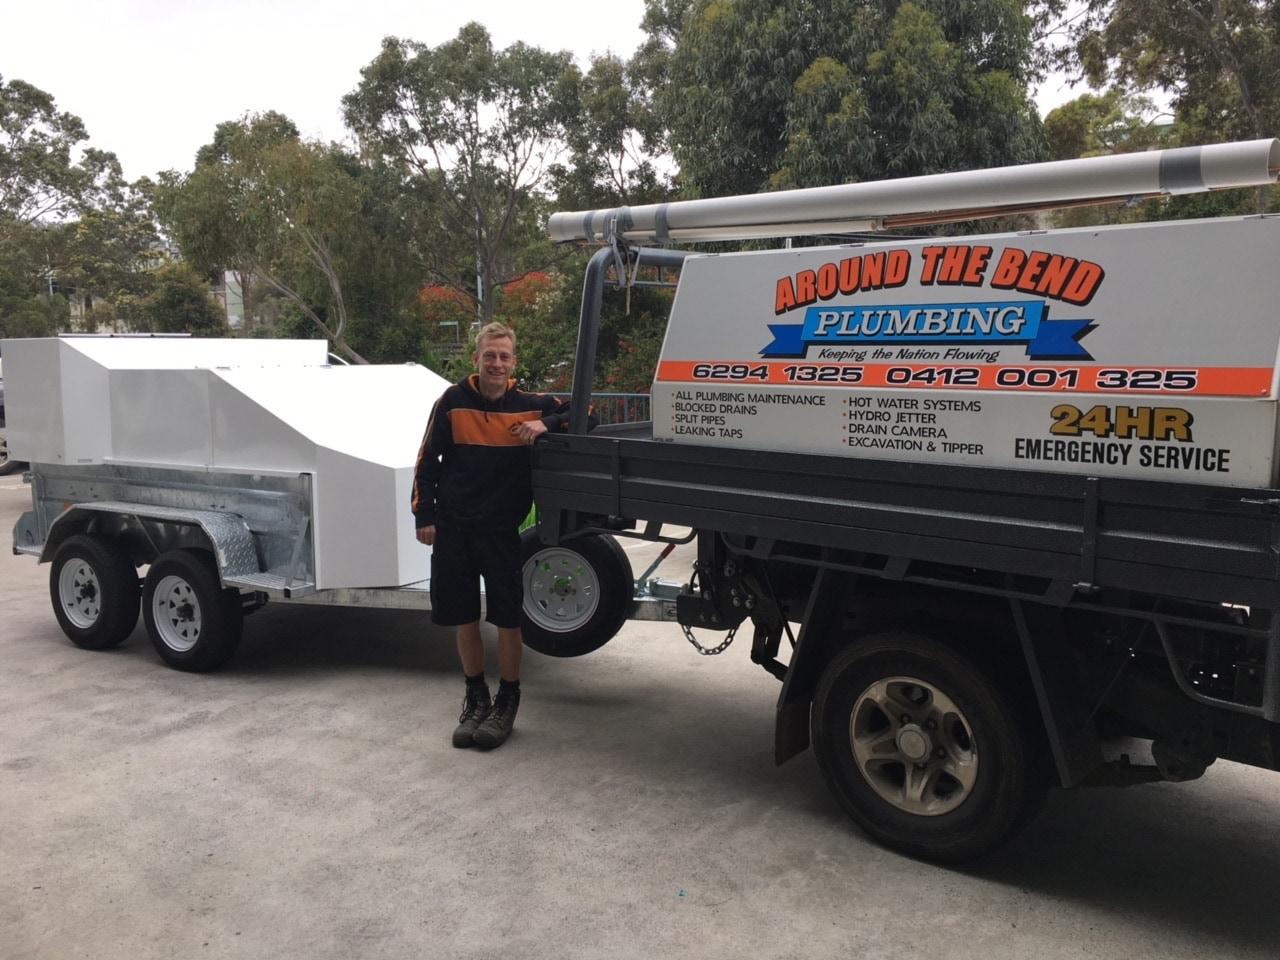 ca plumber santa blog s cruz duncan heating plumbing